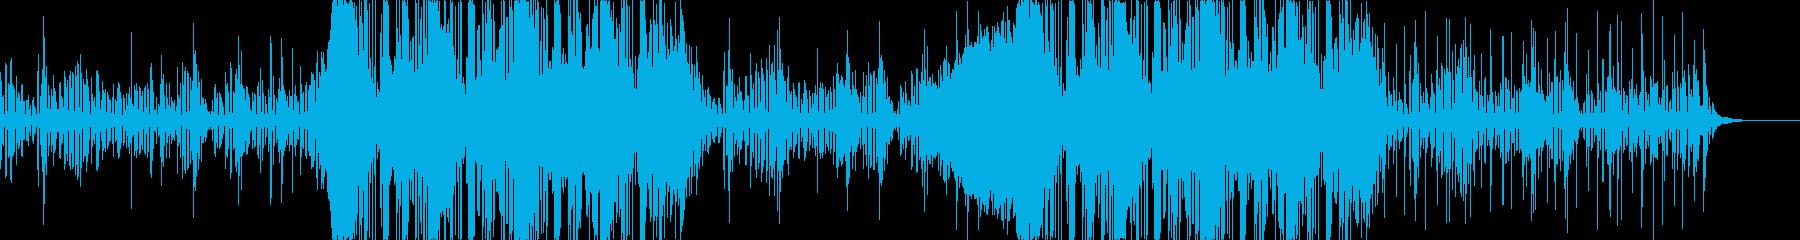 ダウンテンポの怪しげなエレクトロの再生済みの波形